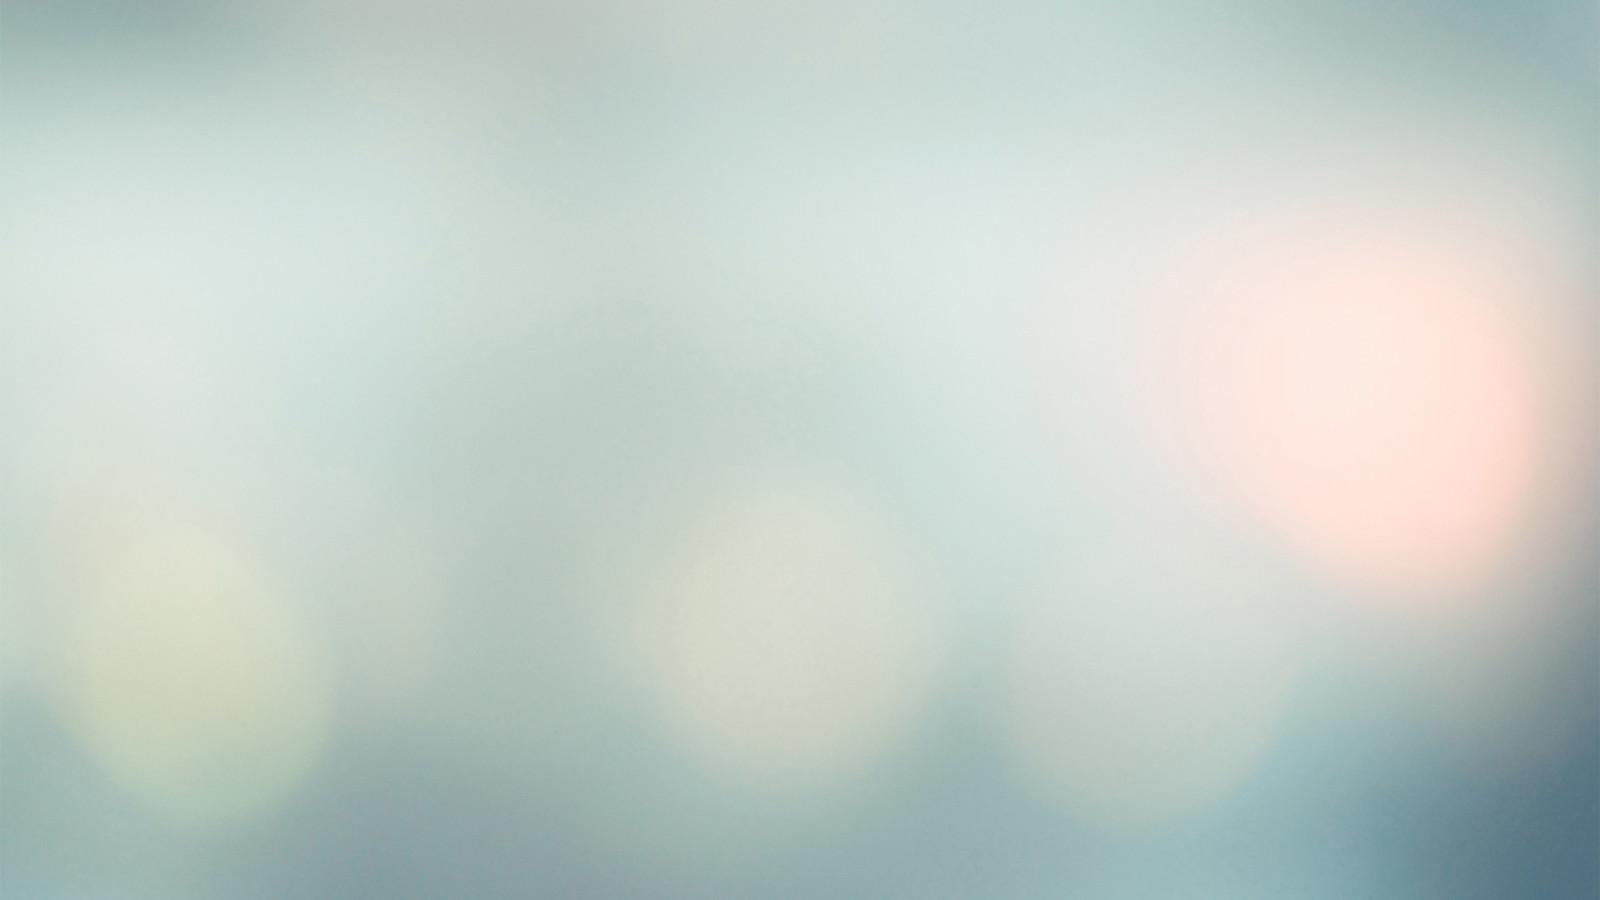 Silver-Blur-Background